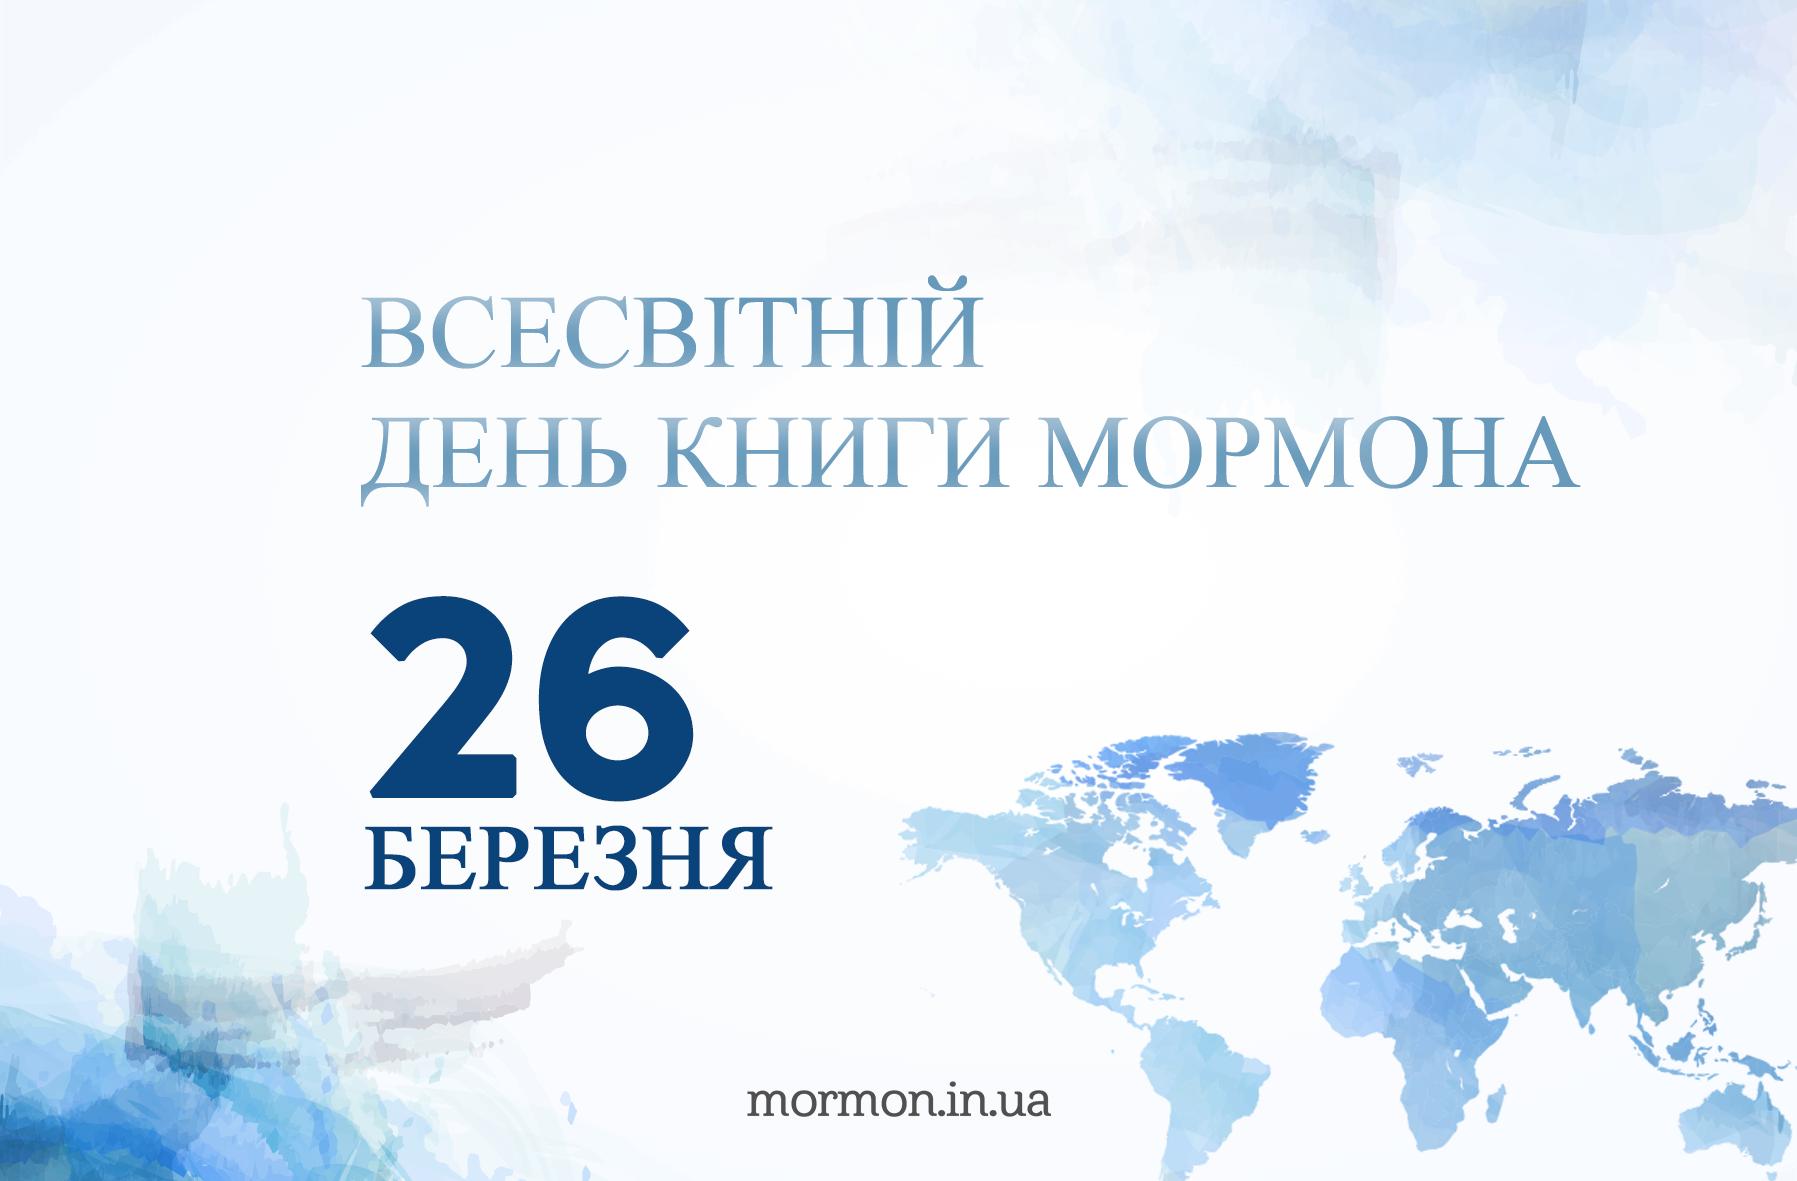 26 березня ВСЕСВІТНІЙ ДЕНЬ КНИГИ МОРМОНА